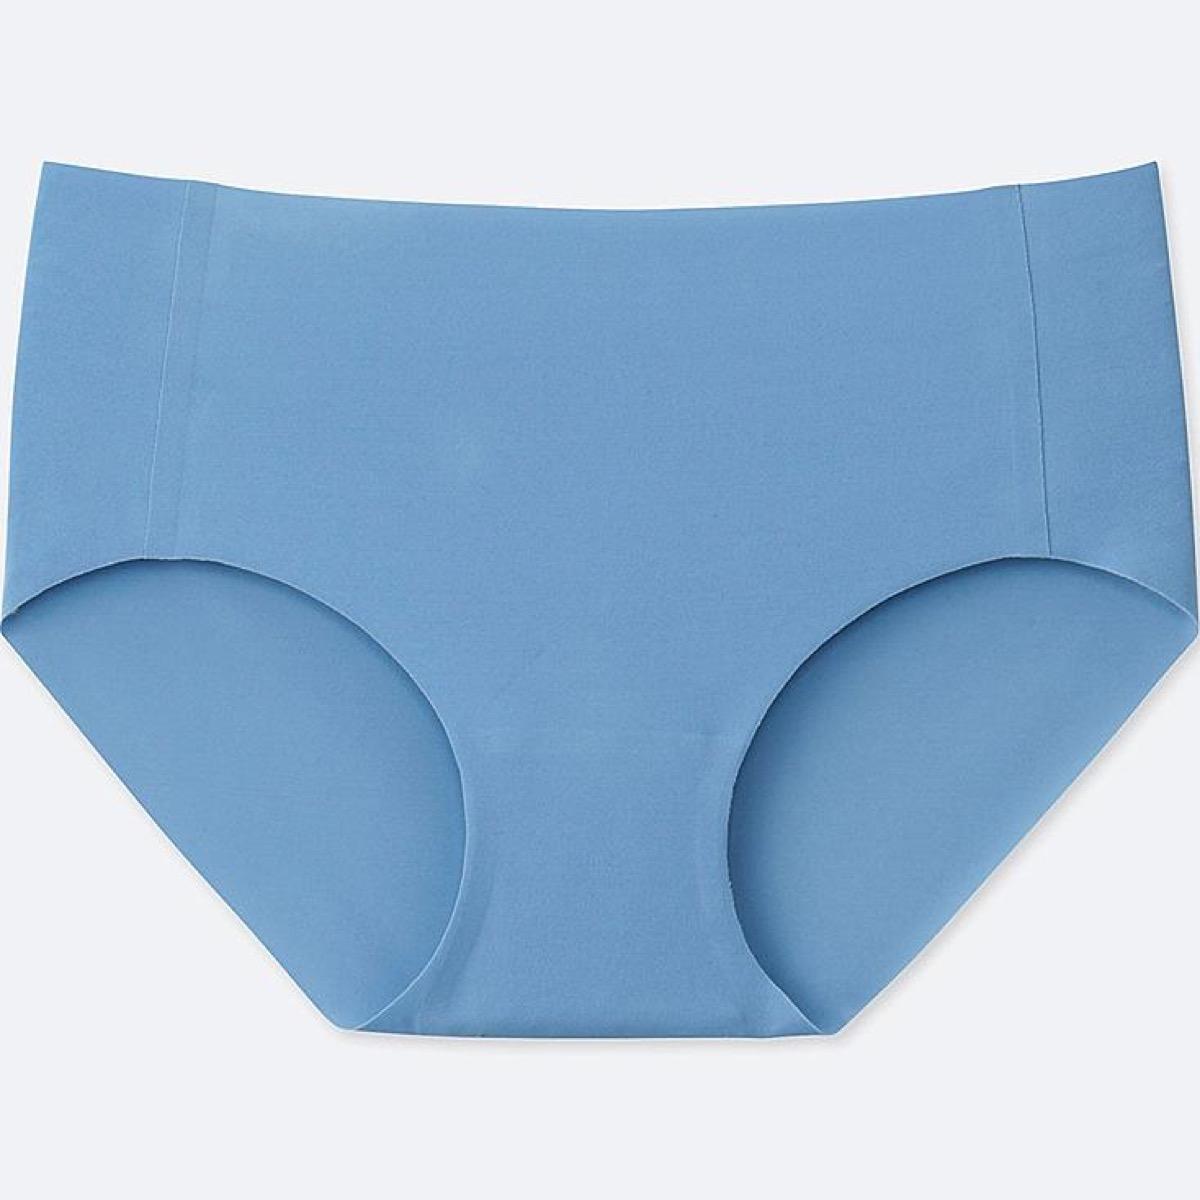 Uniqlo AIRism Underwear